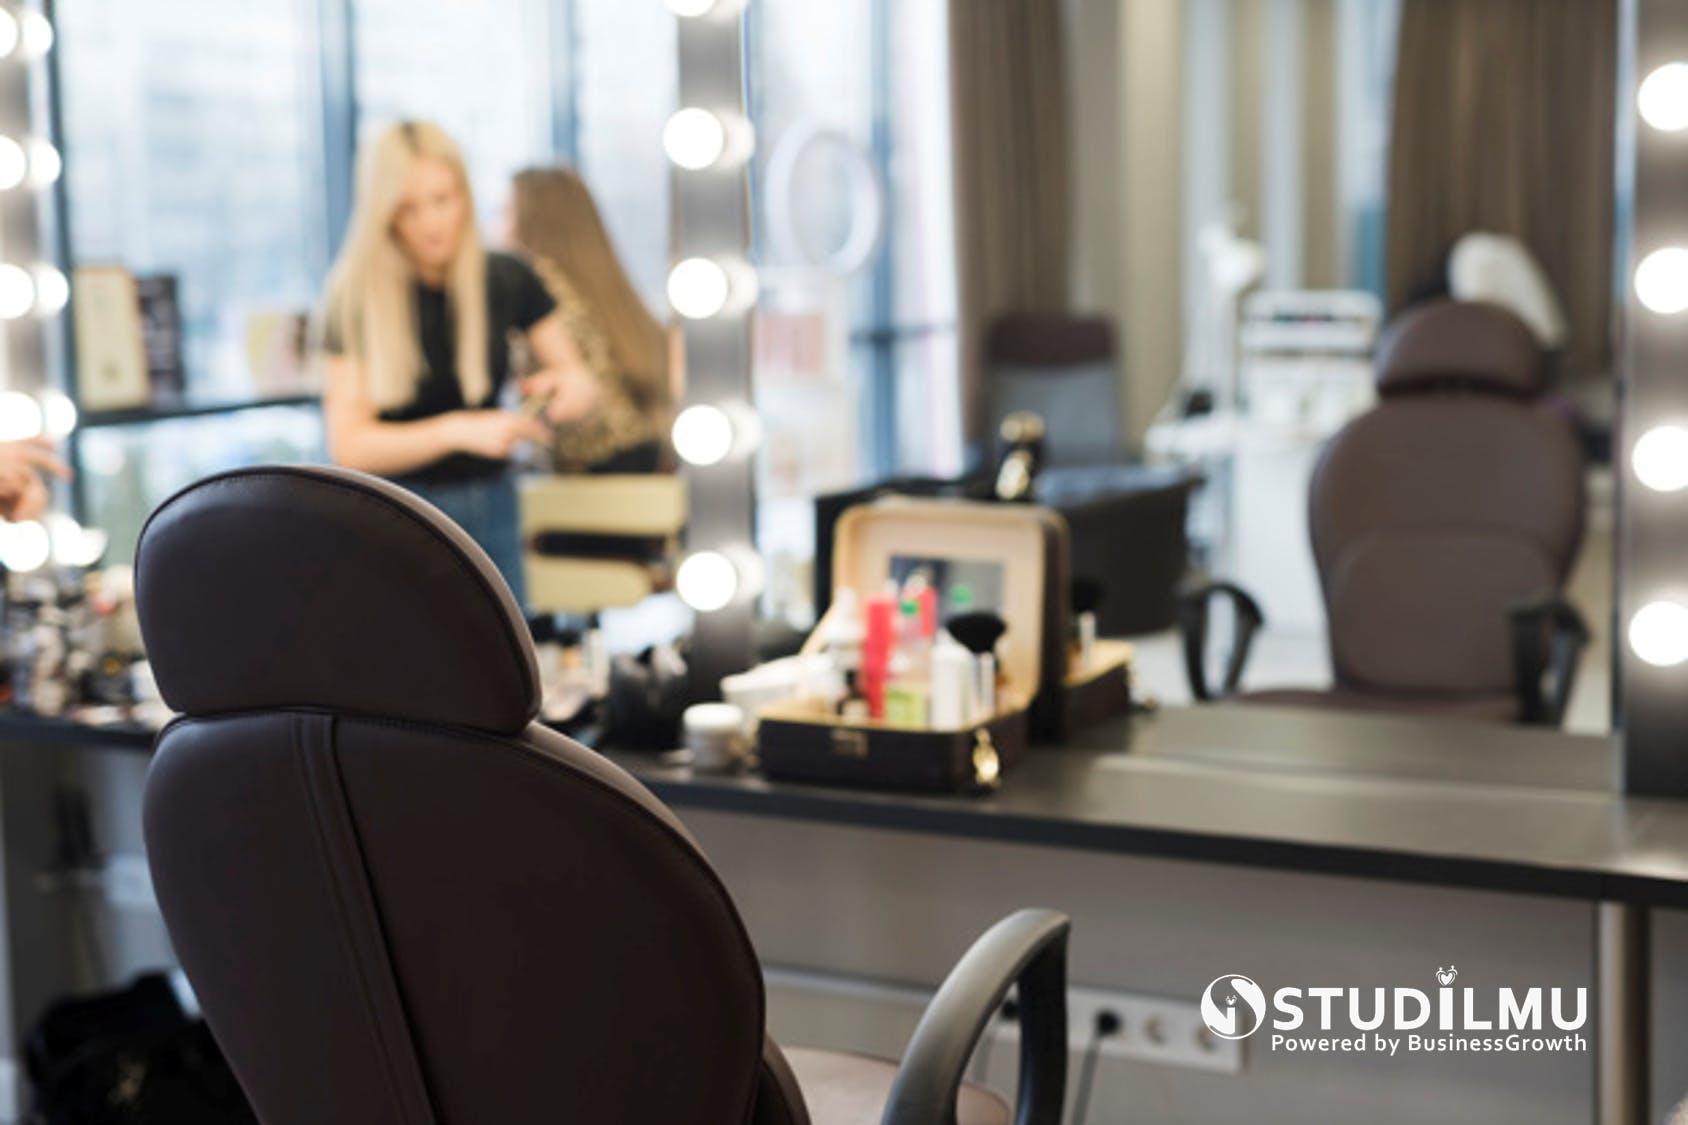 STUDILMU Career Advice - Produktivitas Kerja dan Efisiensi Kerja